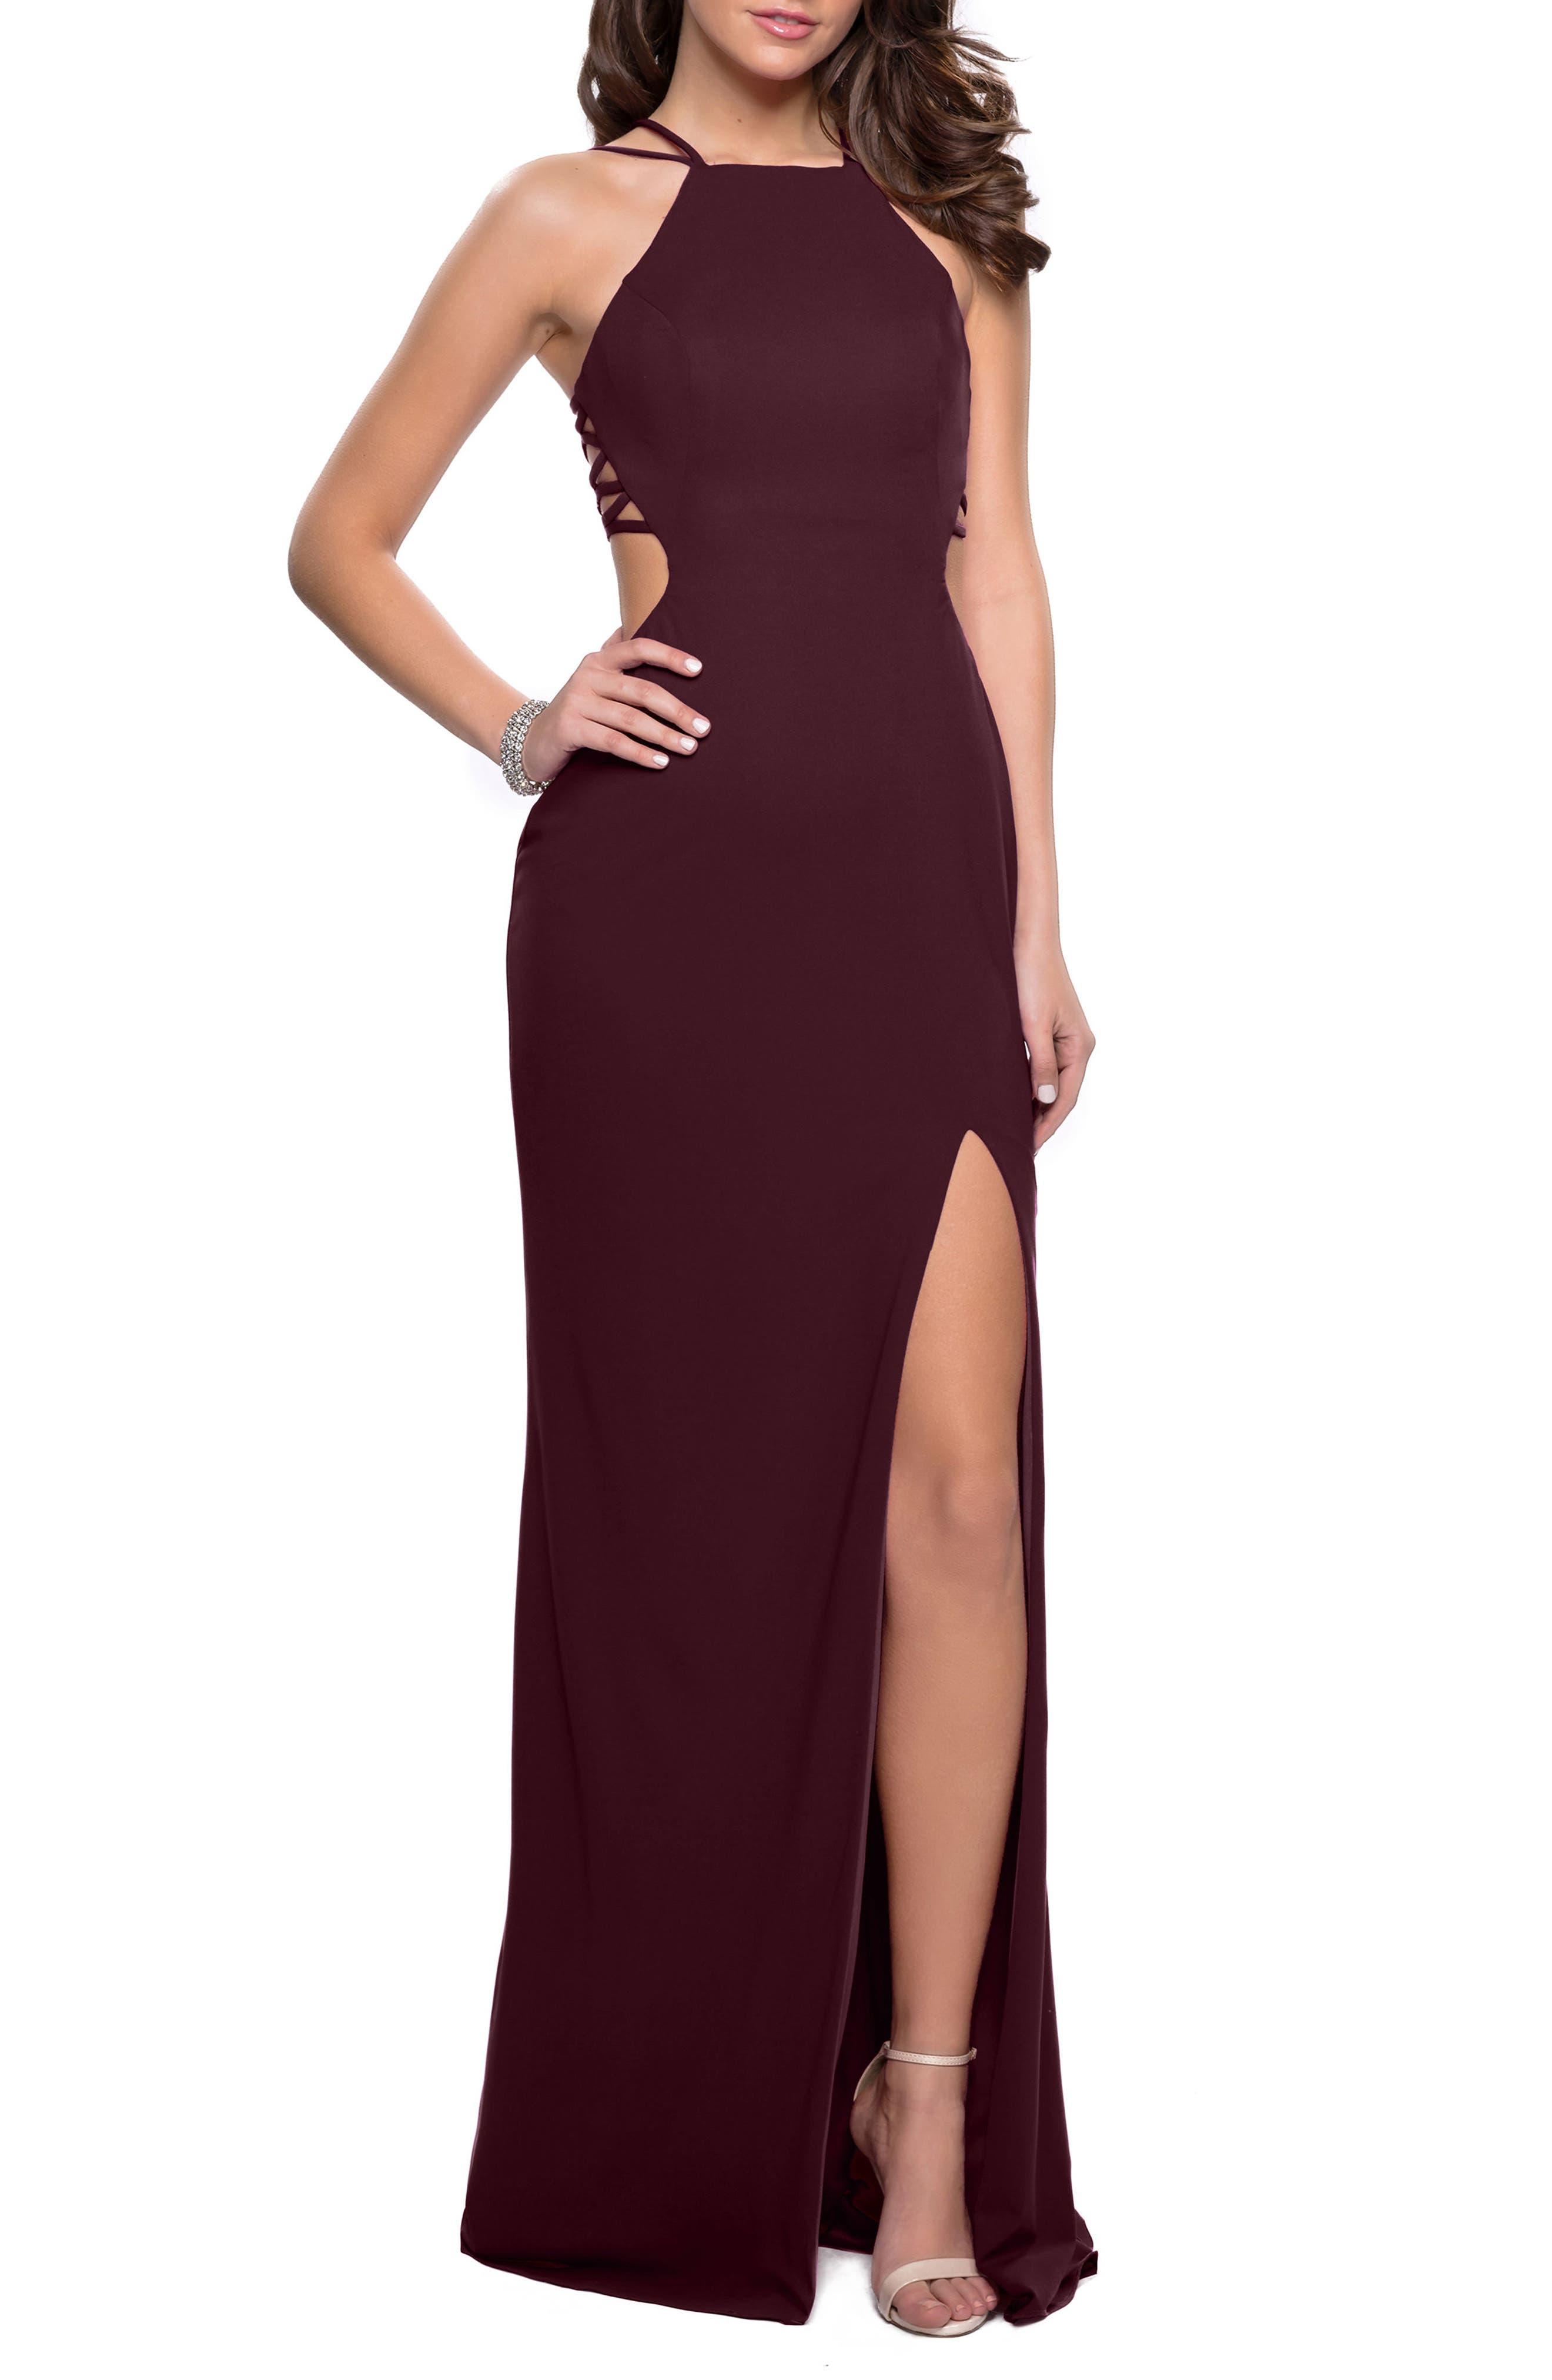 La Femme Open Back Jersey Gown, Burgundy